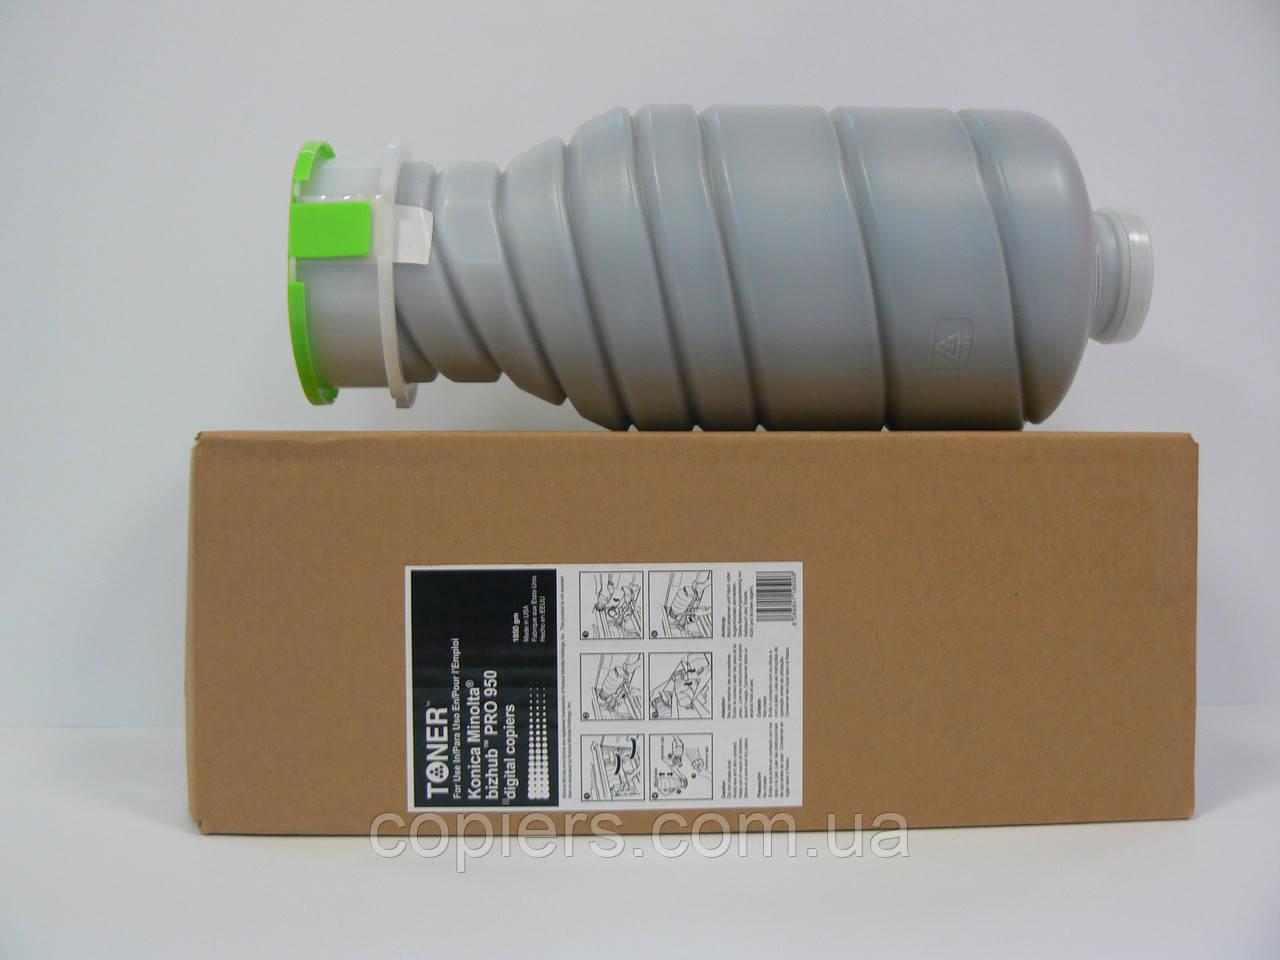 Тонер картридж TN-910 Konica Minolta Bizhub 920, не оригинал, tn910, 1570 g tn 910